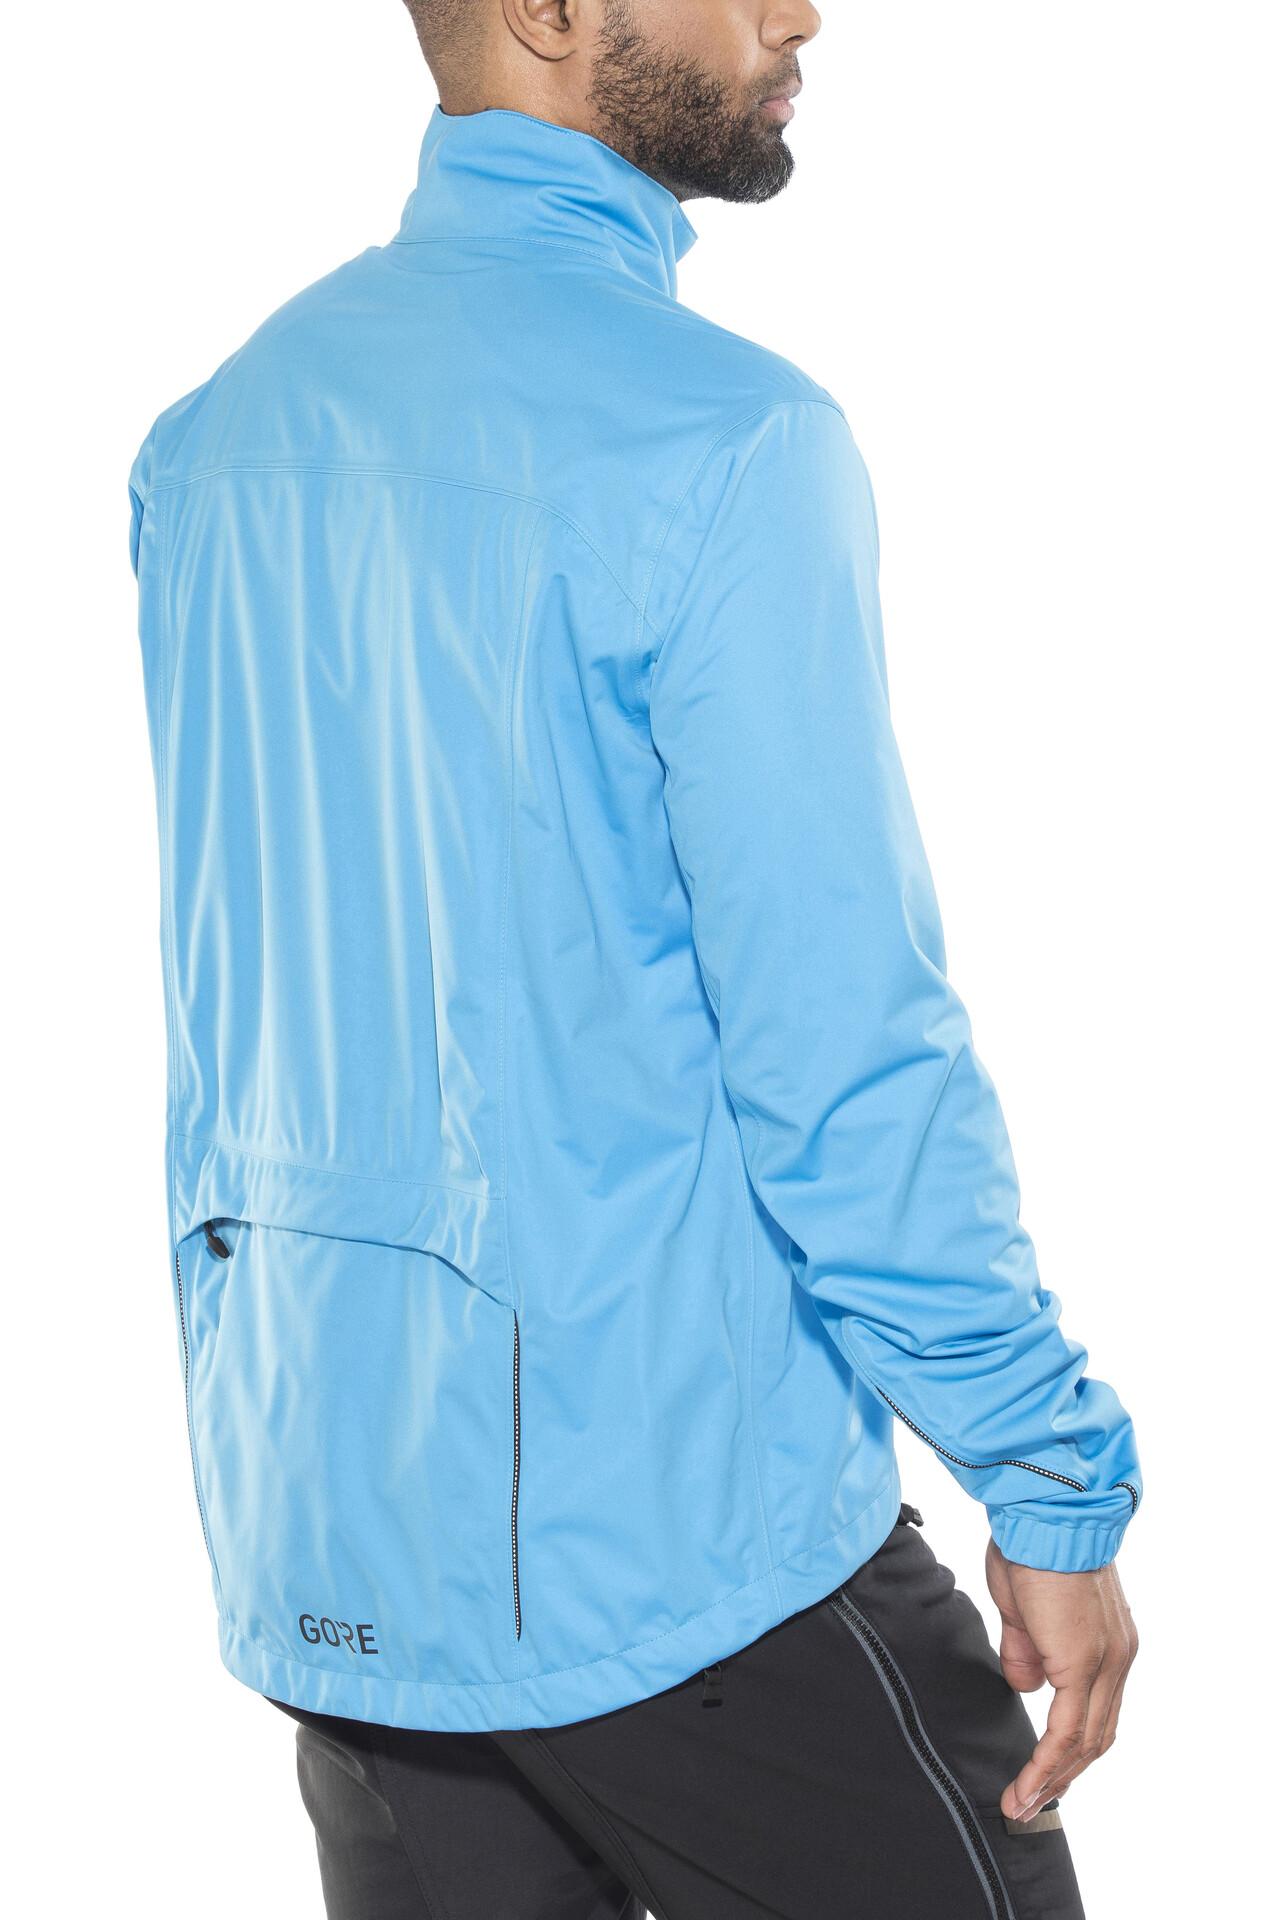 C3 En Homme Bleu Veste Boutique Wear De Gore Tex Vélos fznATI5Aq